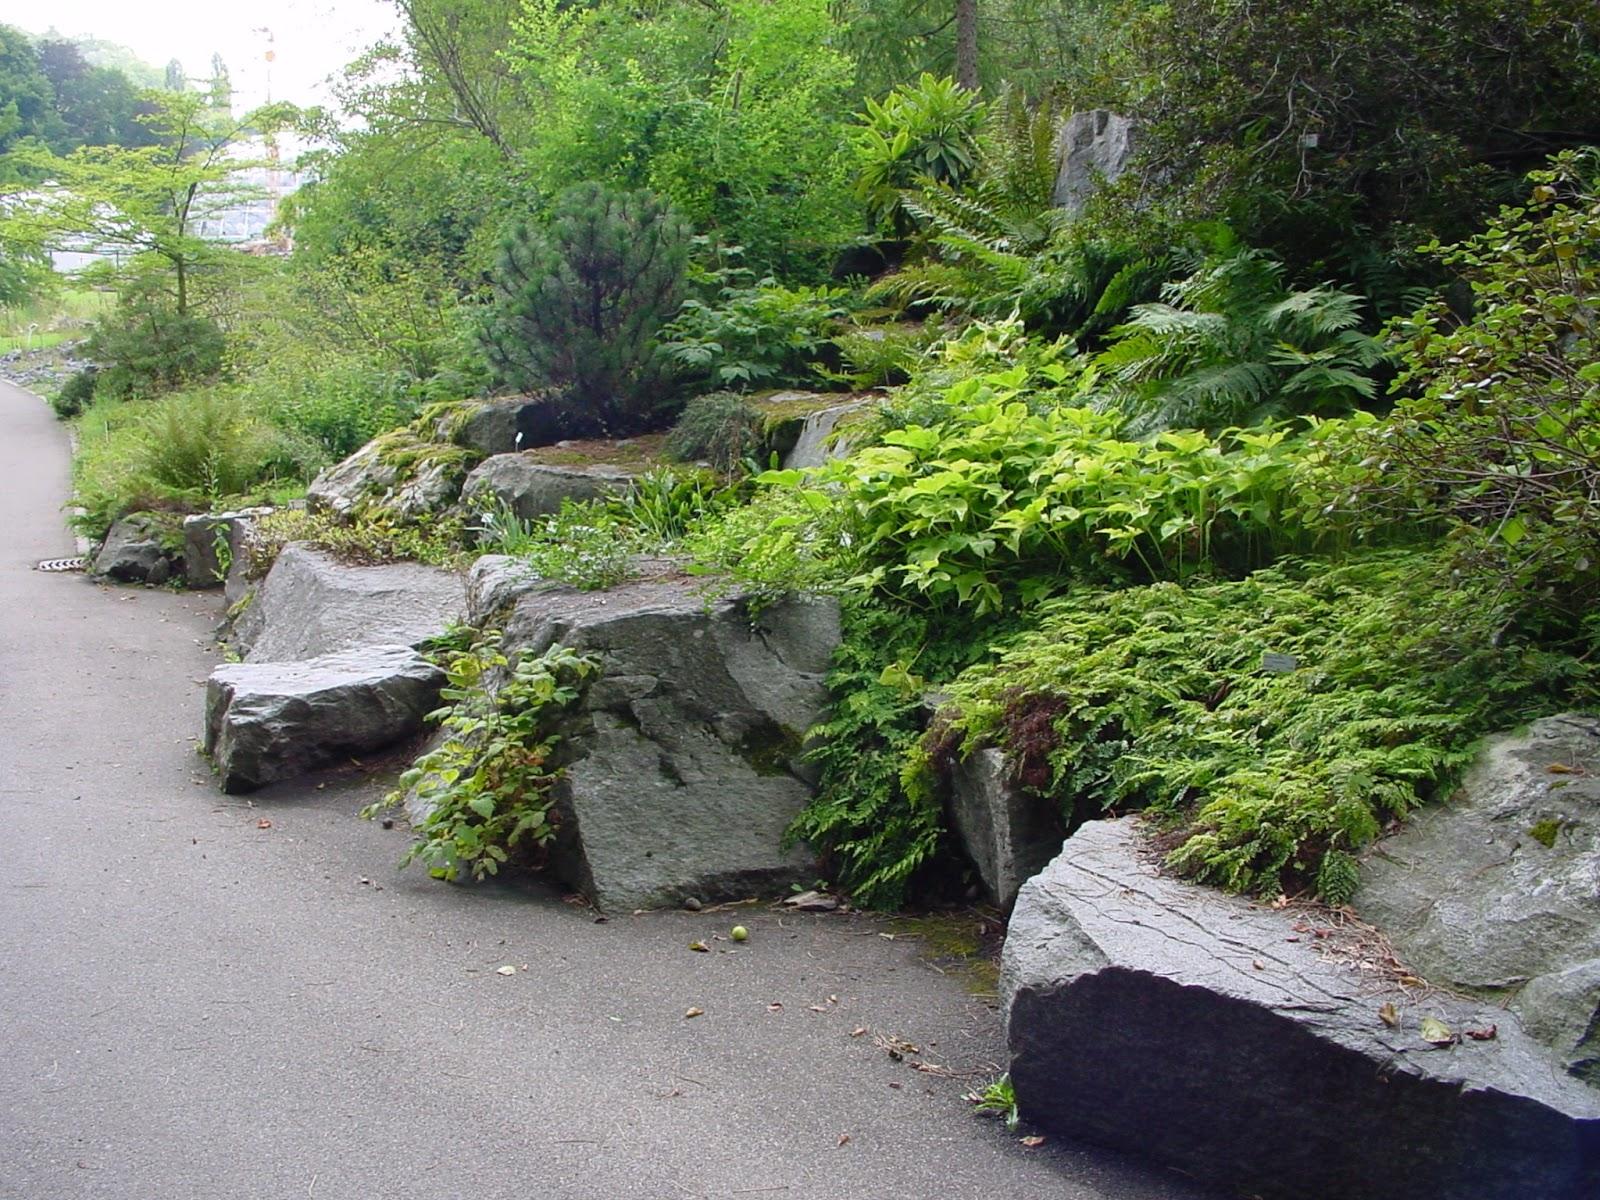 Jardineria eladio nonay jard n de rocas jardiner a - Rocas para jardin ...